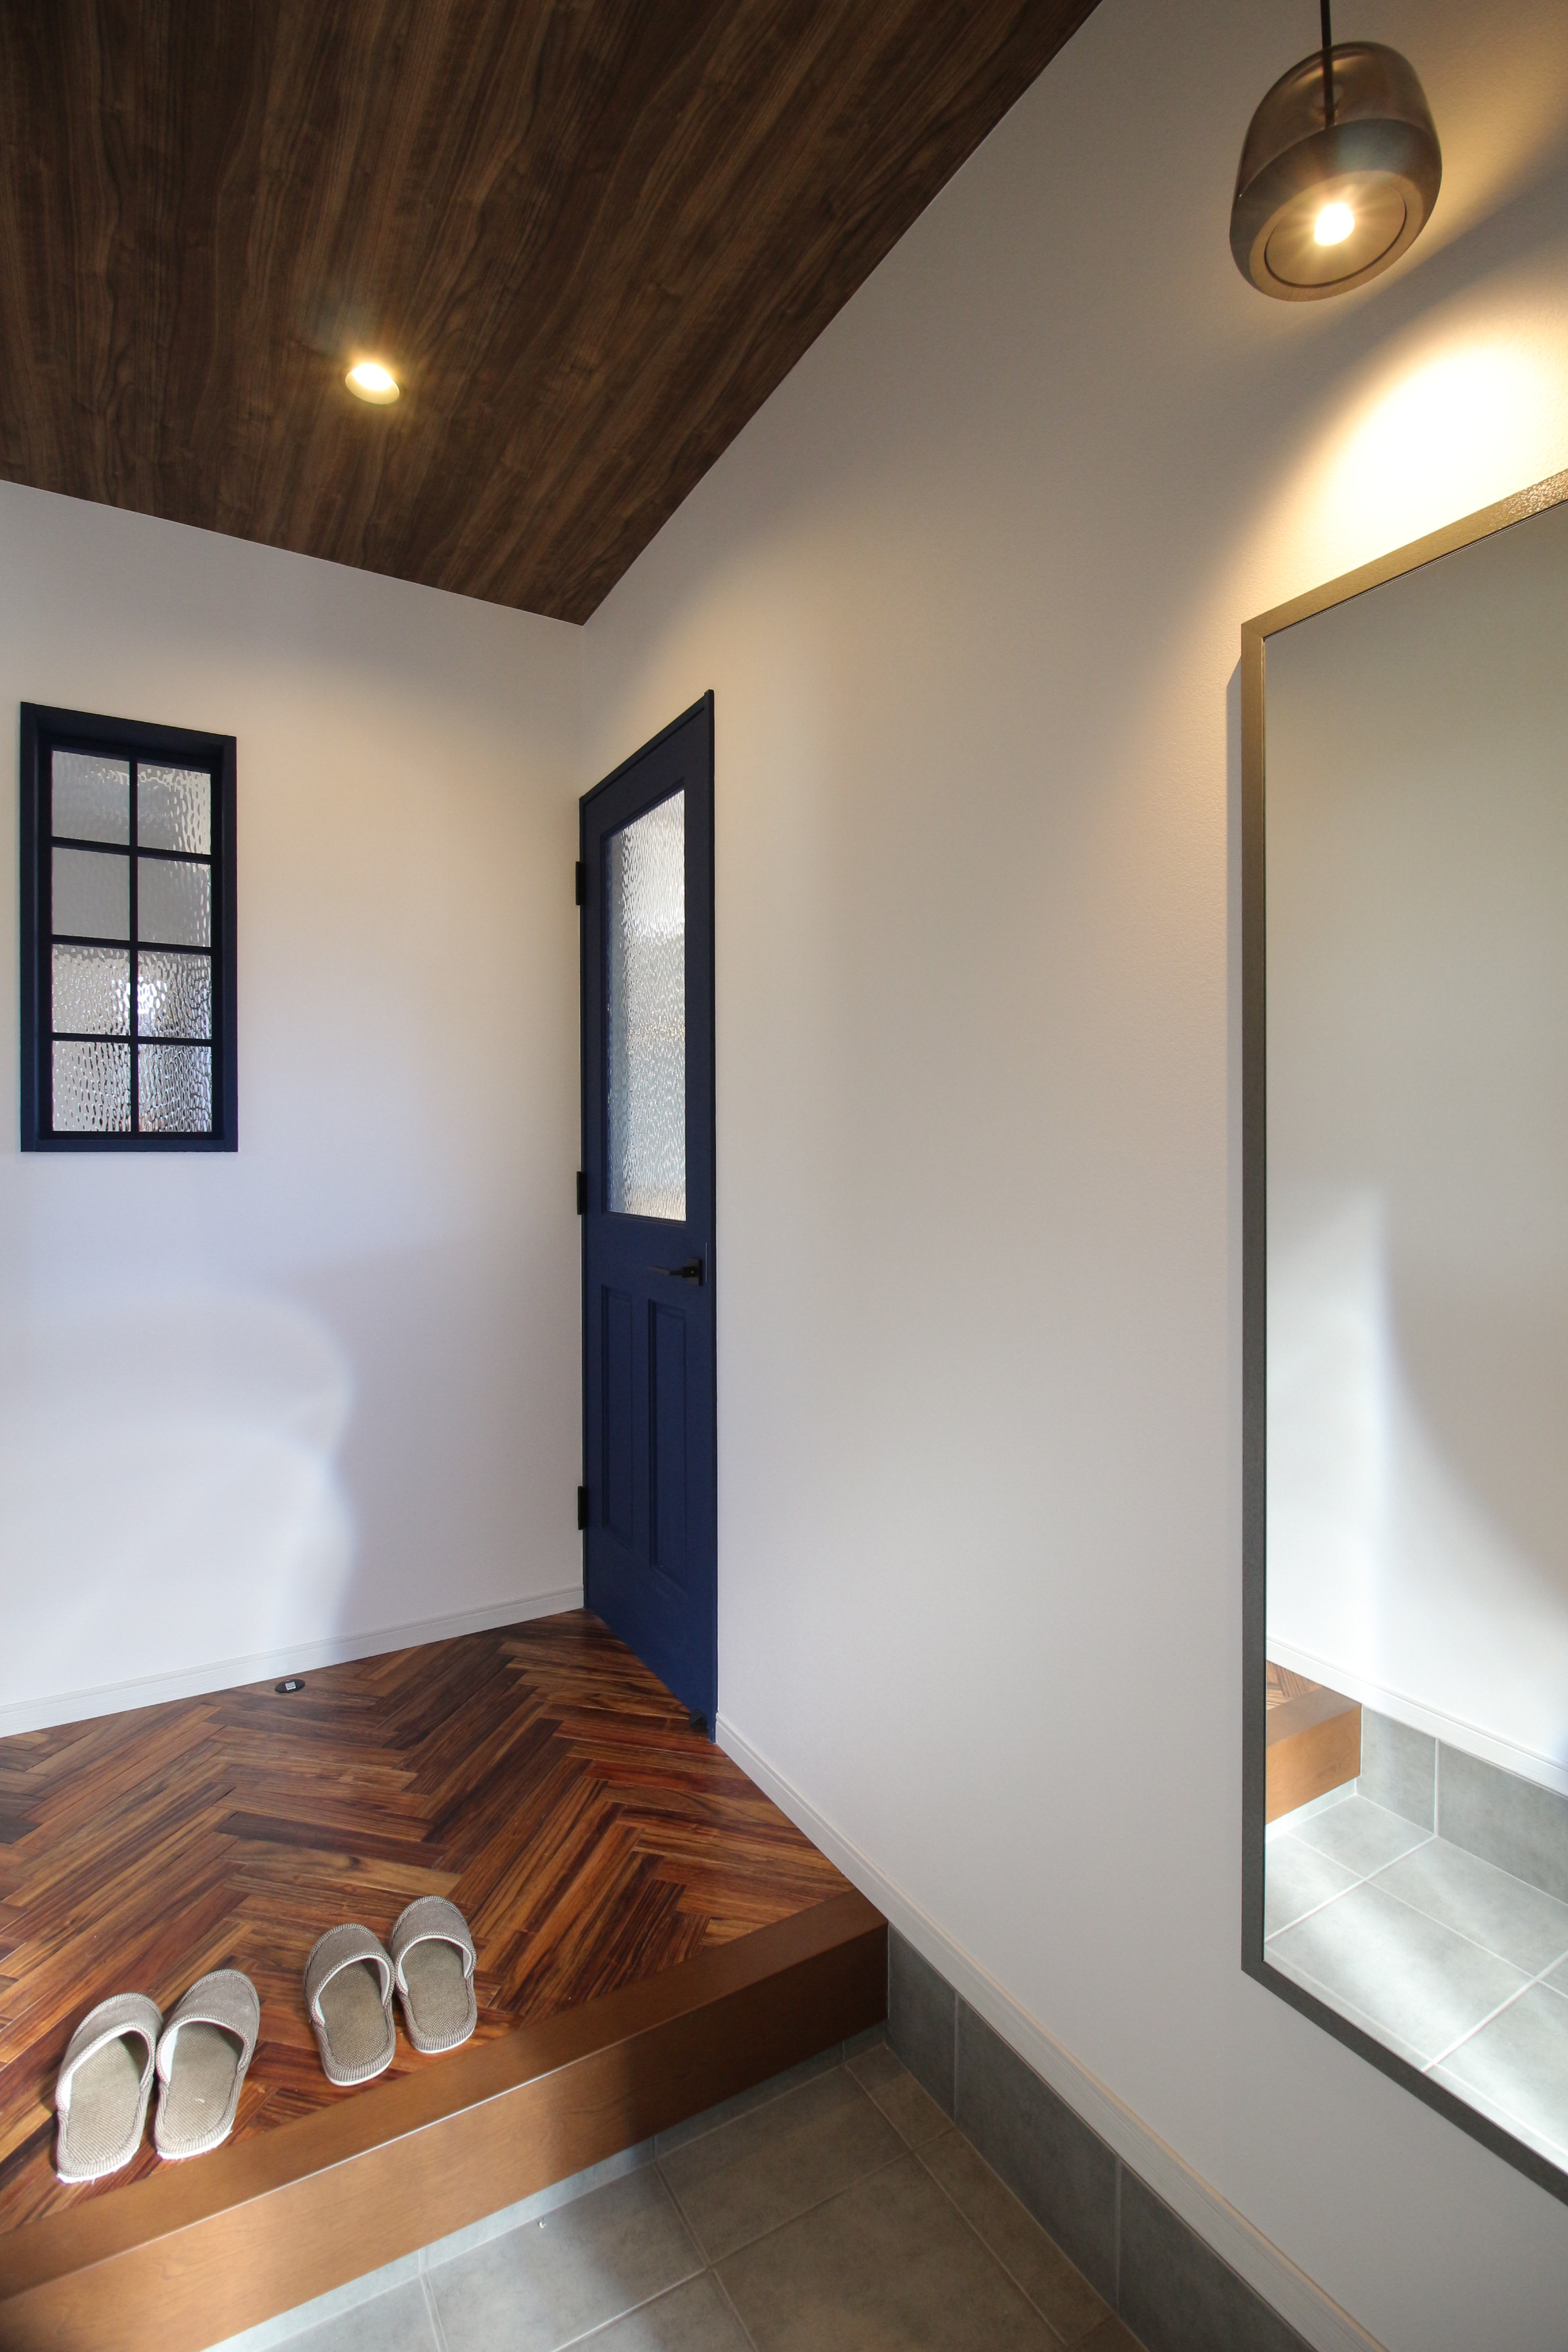 お客さまを迎える玄関は無垢材を使ったヘリンボーン床が映える